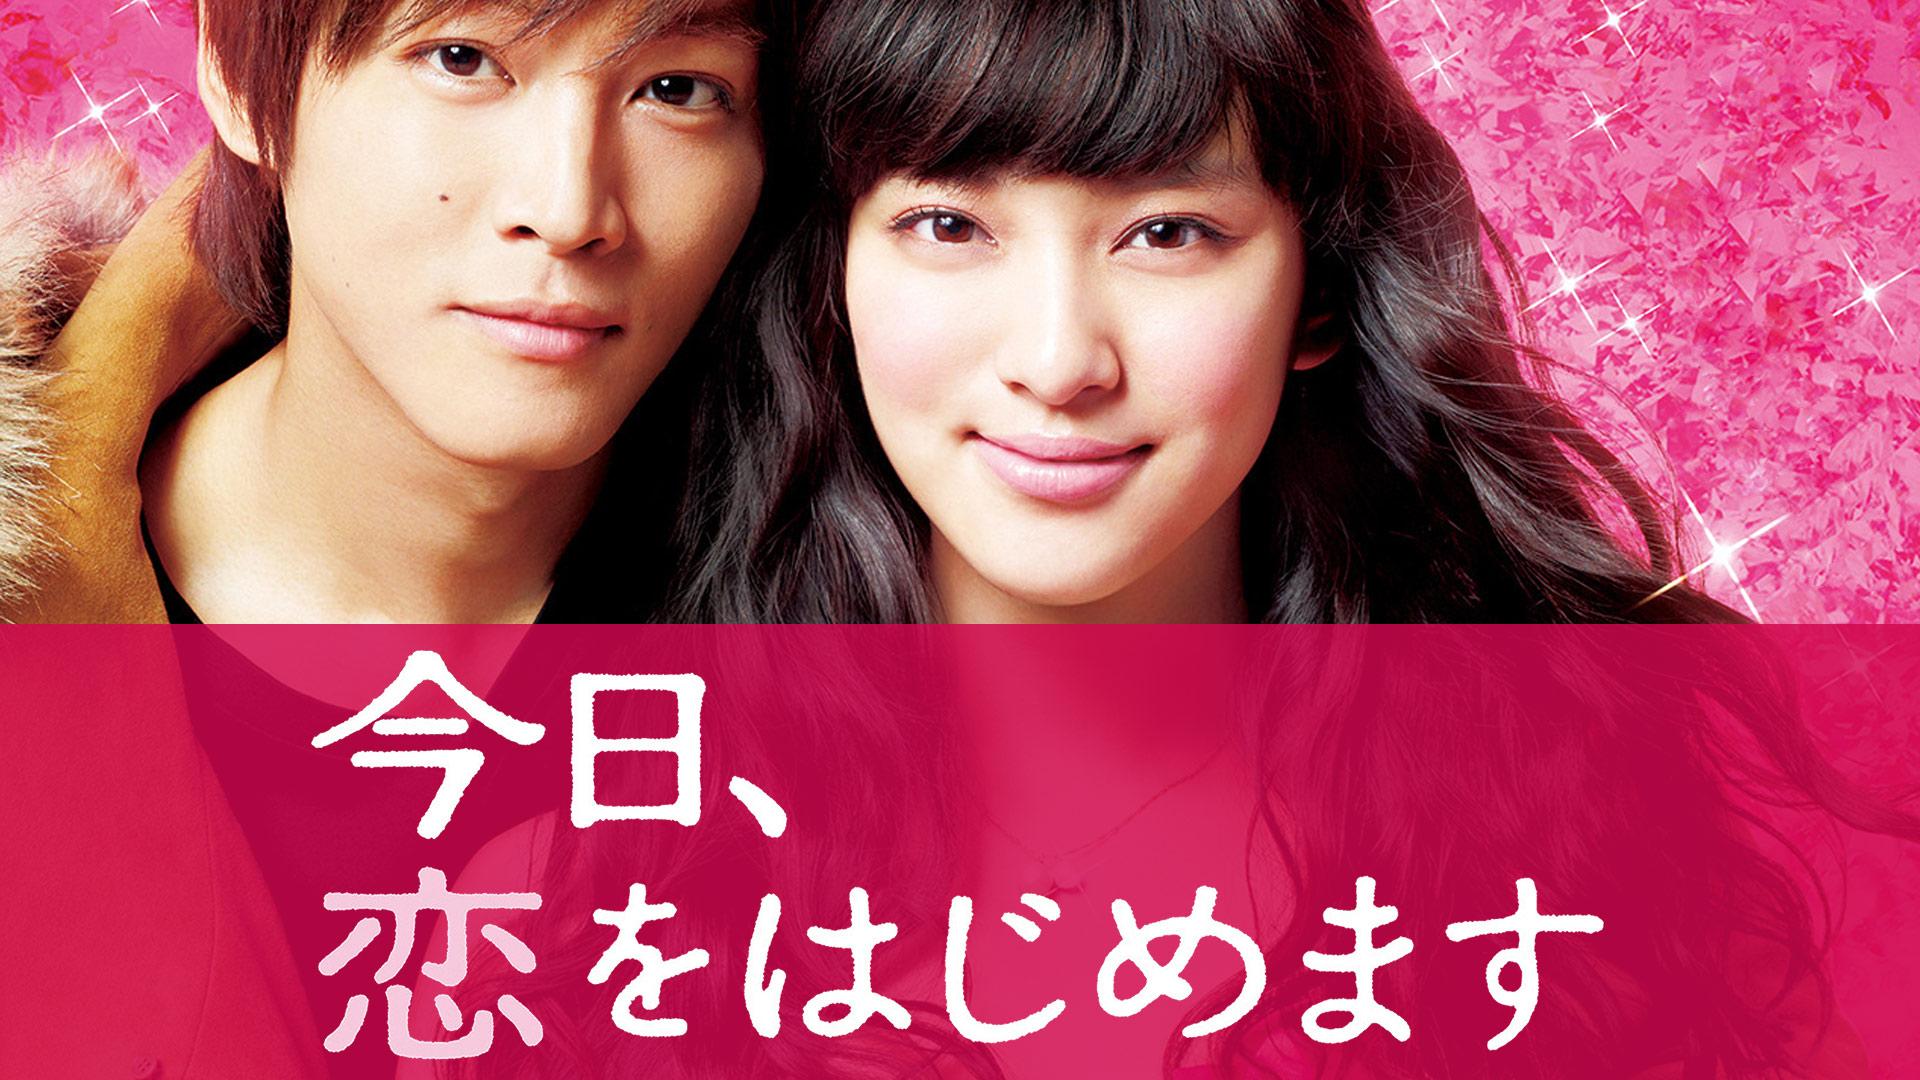 今日、恋をはじめます 【TBSオンデマンド】